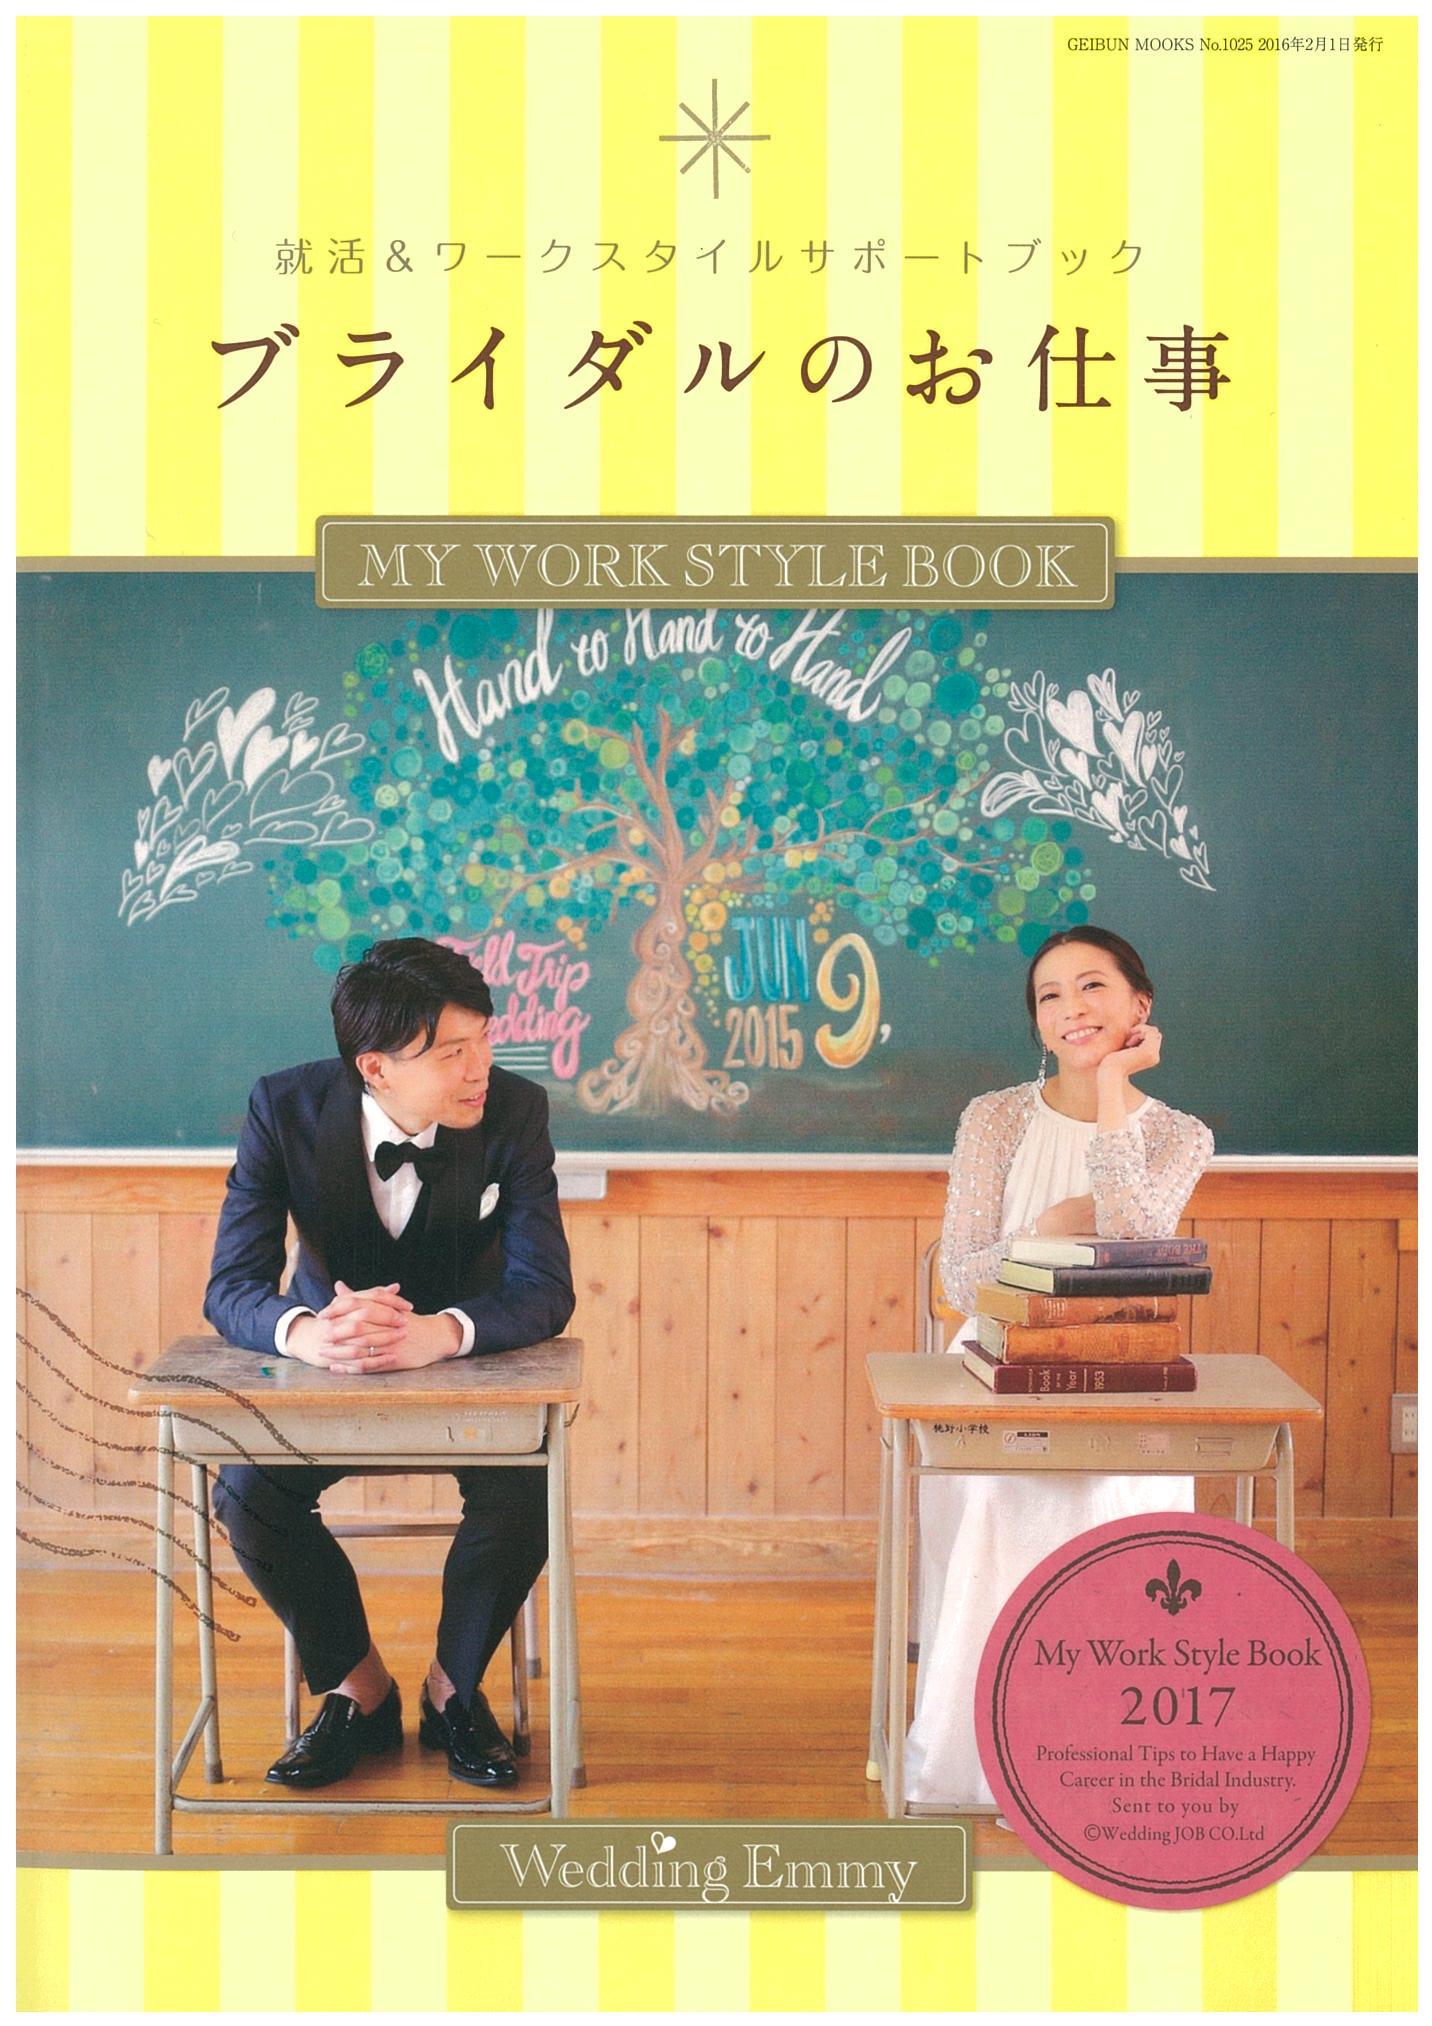 2015年12月15日発売の書籍『ブライダルのお仕事』に有賀明美のWeddingが登場